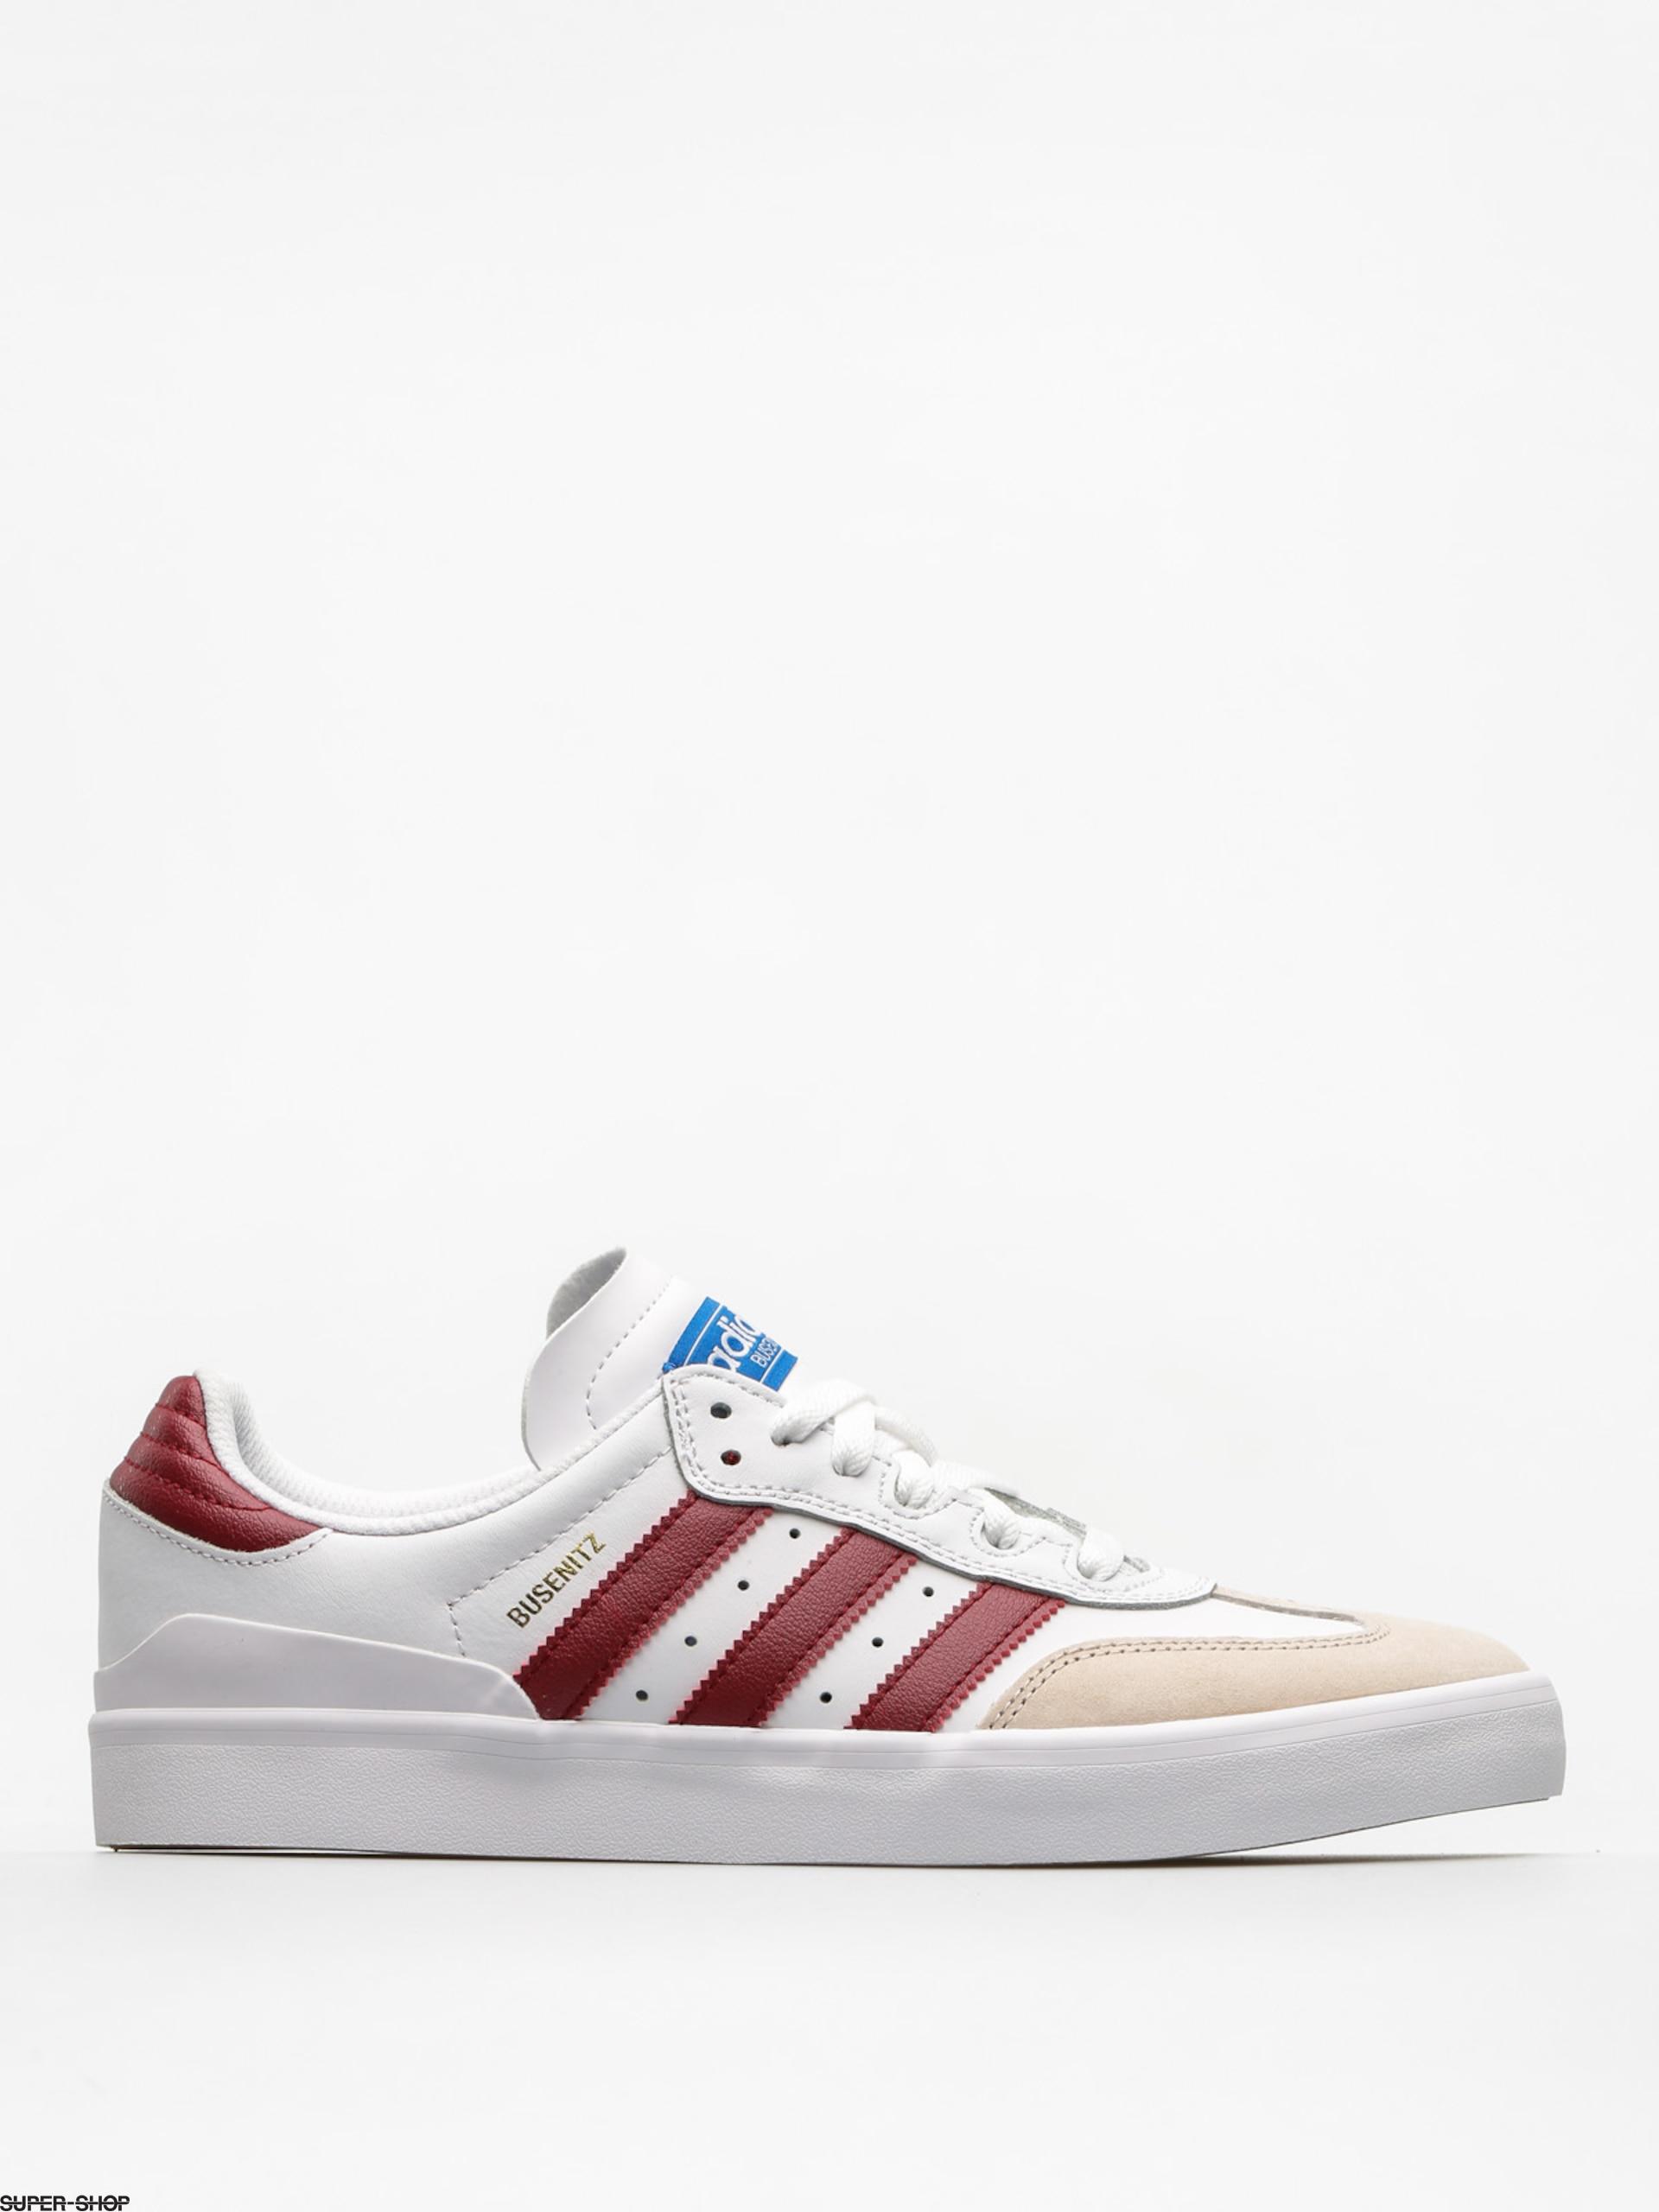 0d6e9b86c698de adidas Shoes Busenitz Vulc Rx (ftwr white collegiate burgundy bluebird)